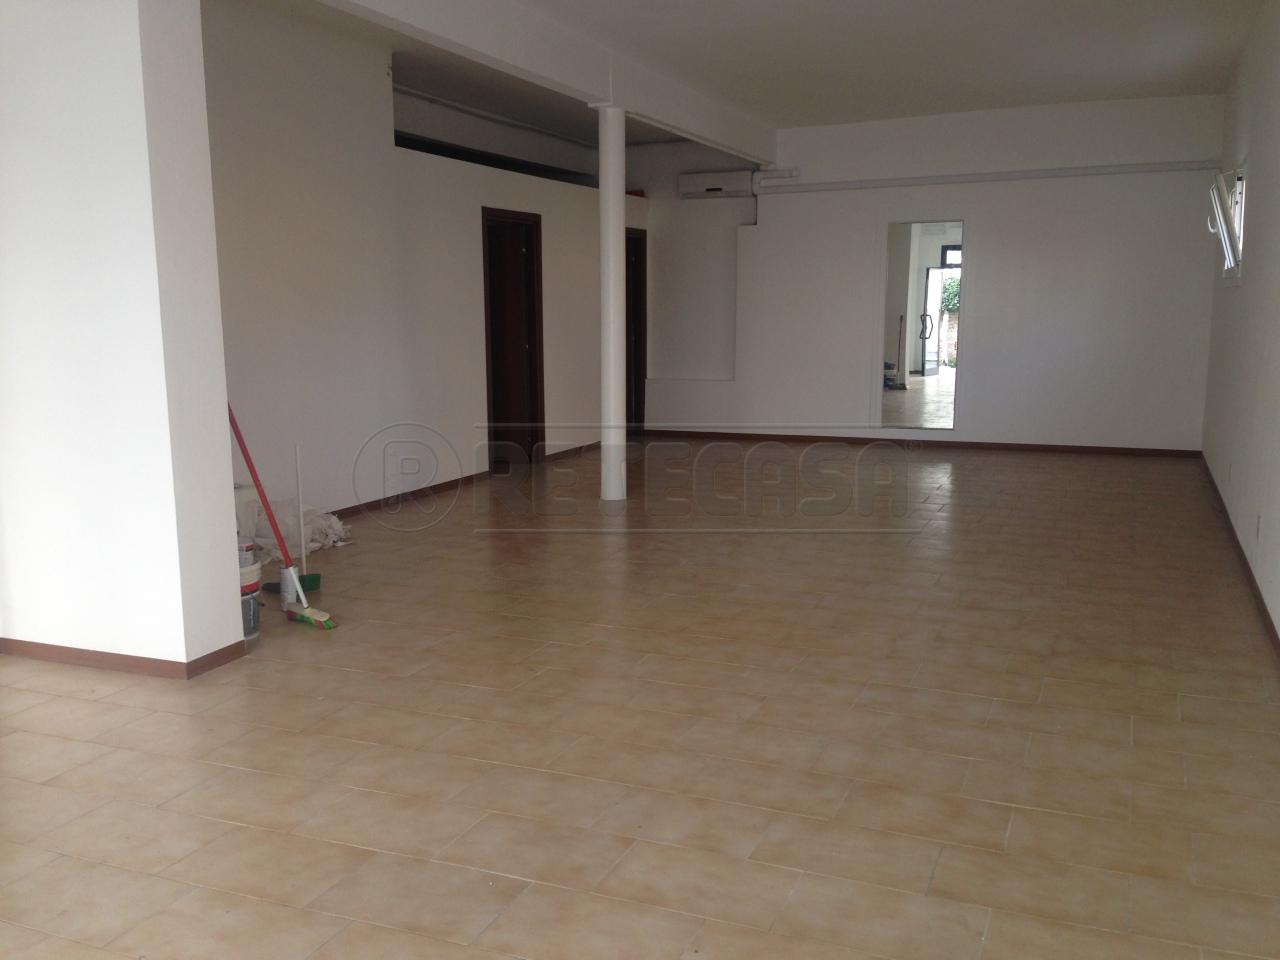 Negozio / Locale in affitto a Spinea, 9999 locali, prezzo € 1.200 | Cambio Casa.it